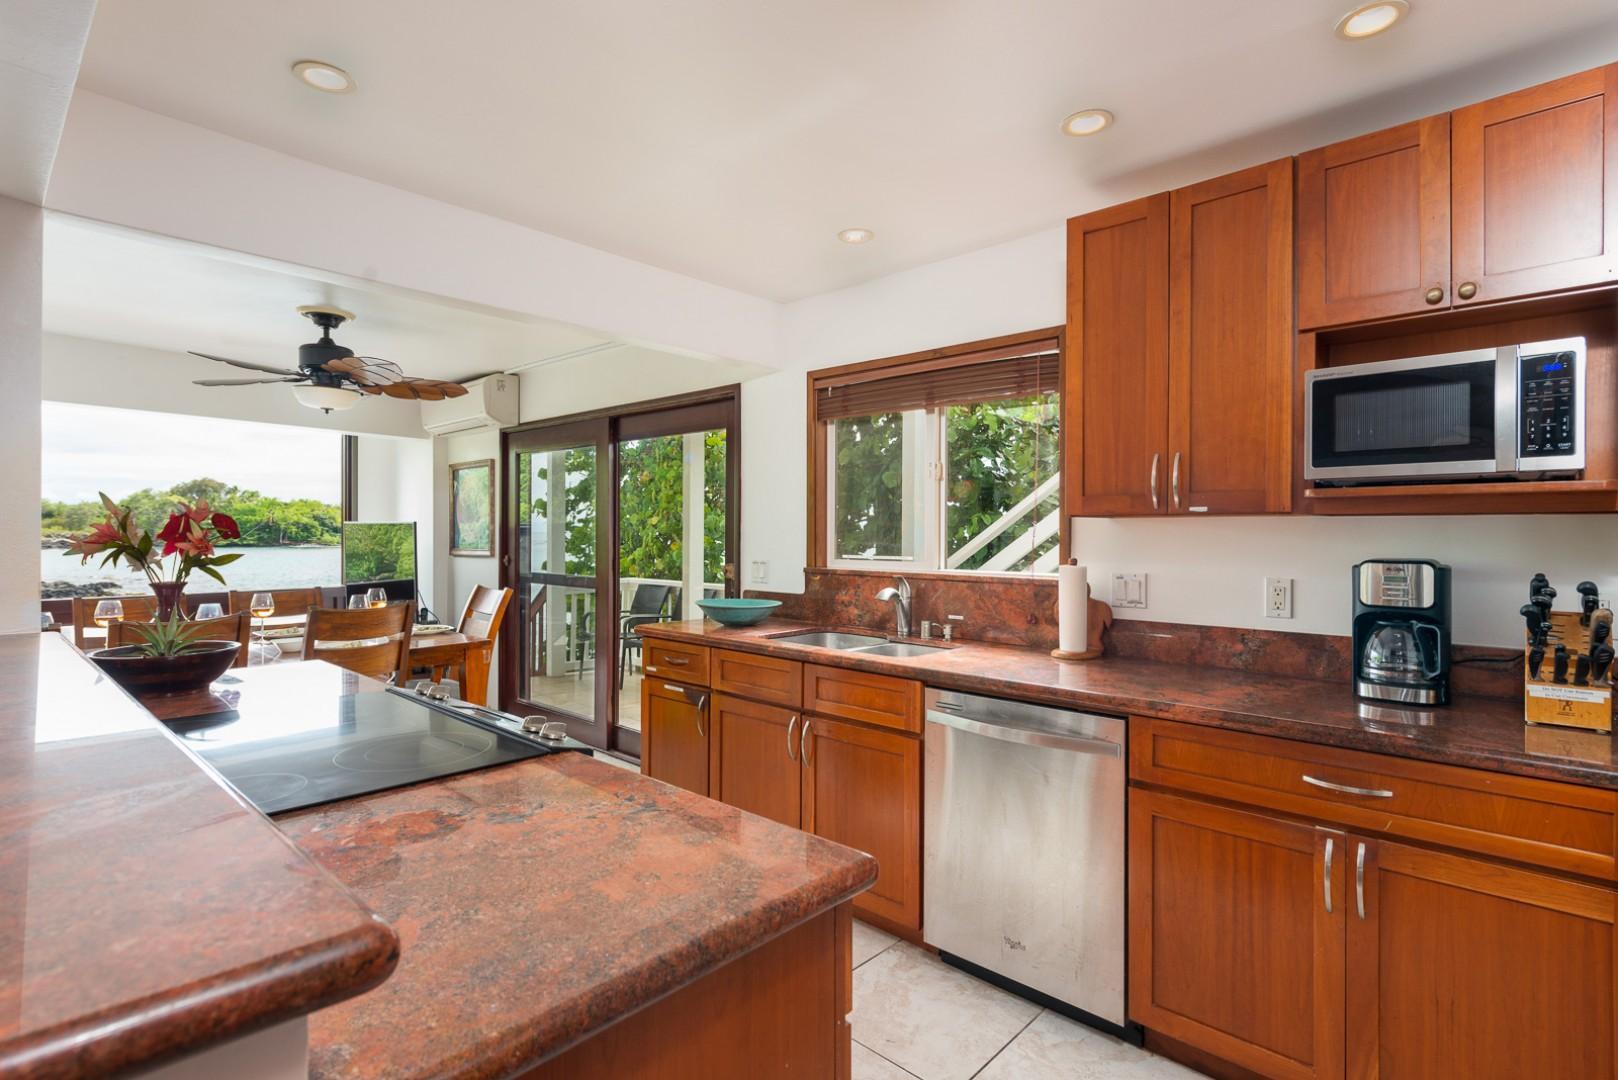 Alii-2nd story kitchen-